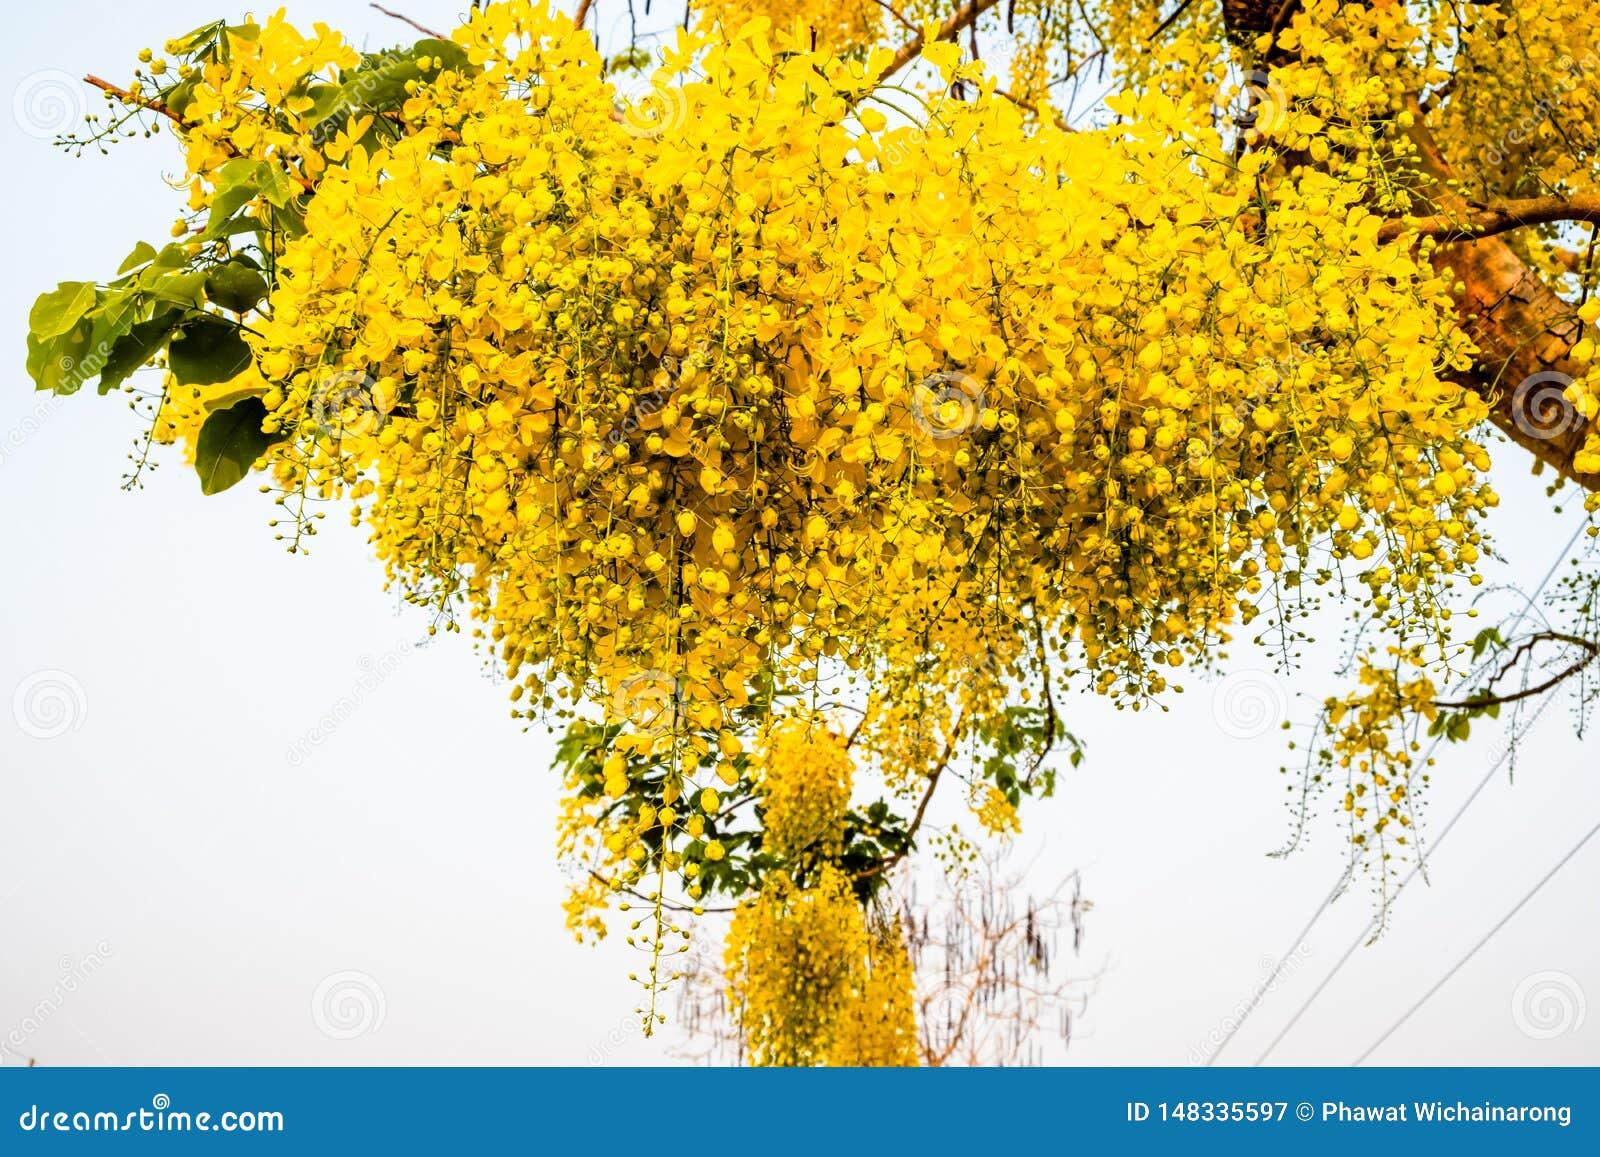 Μια δέσμη του κίτρινου χρυσού λουλουδιού ντους στο φωτεινό άσπρο κλίμα